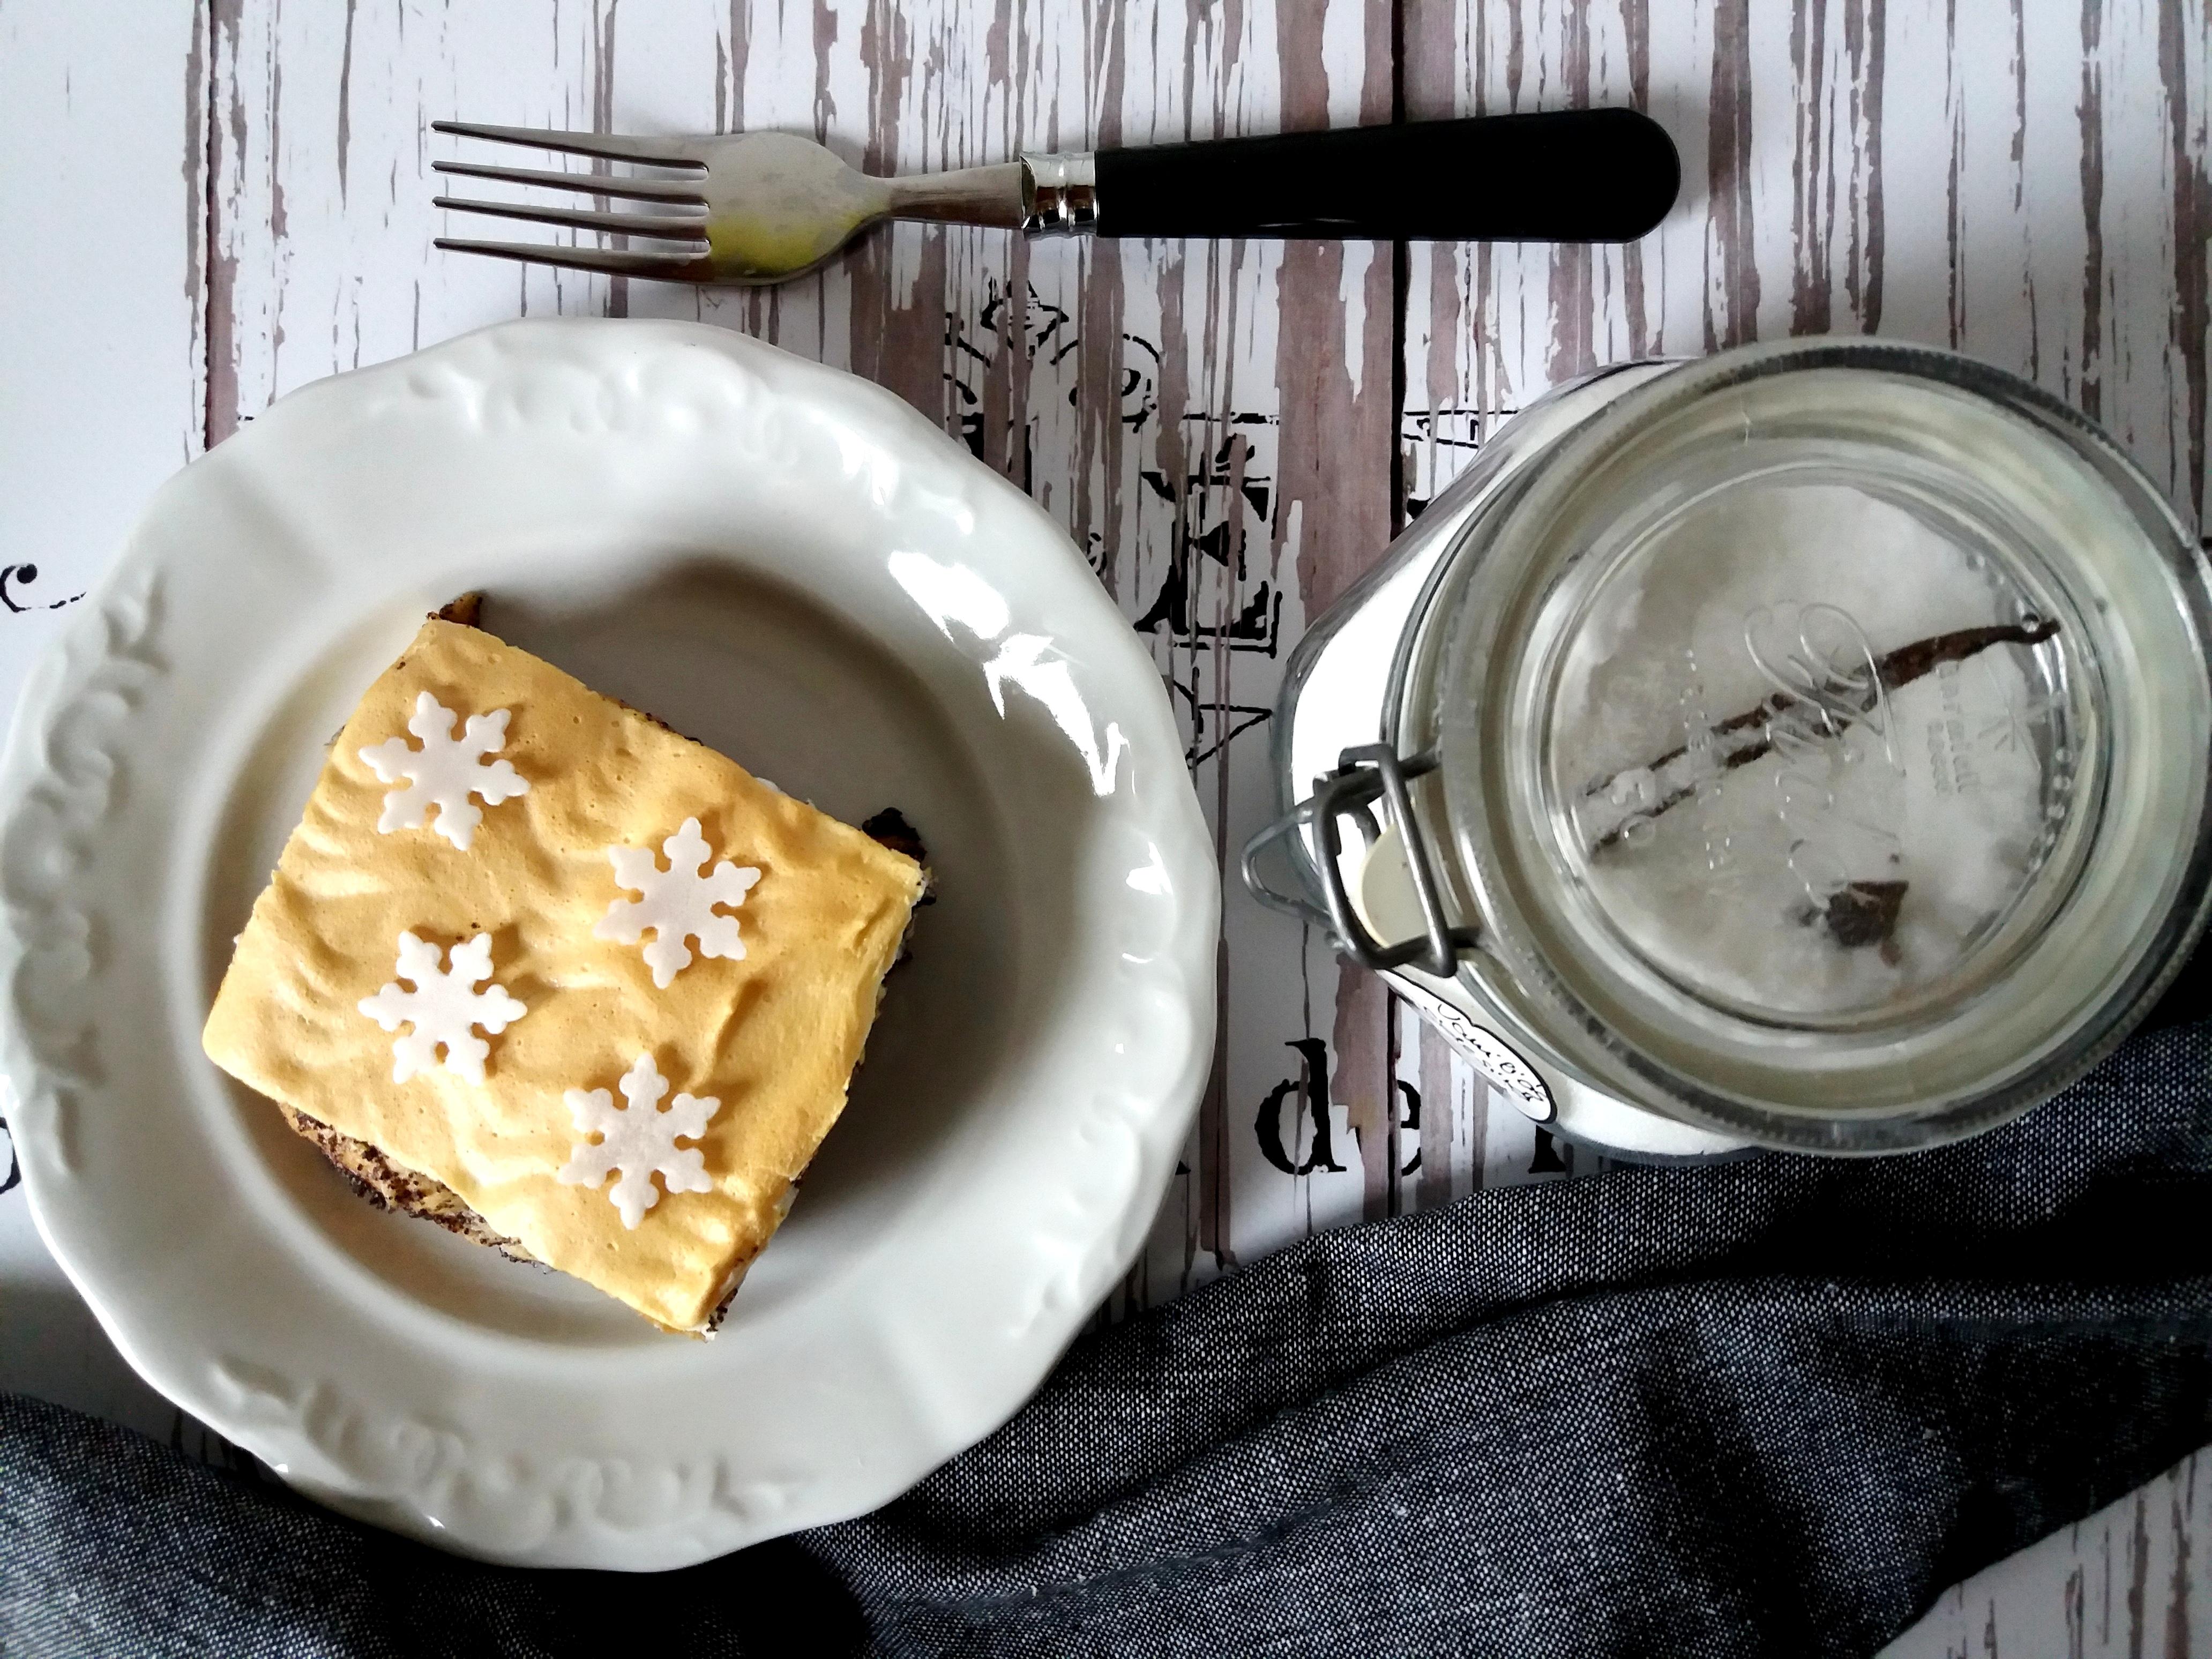 Diétás mákos guba recept